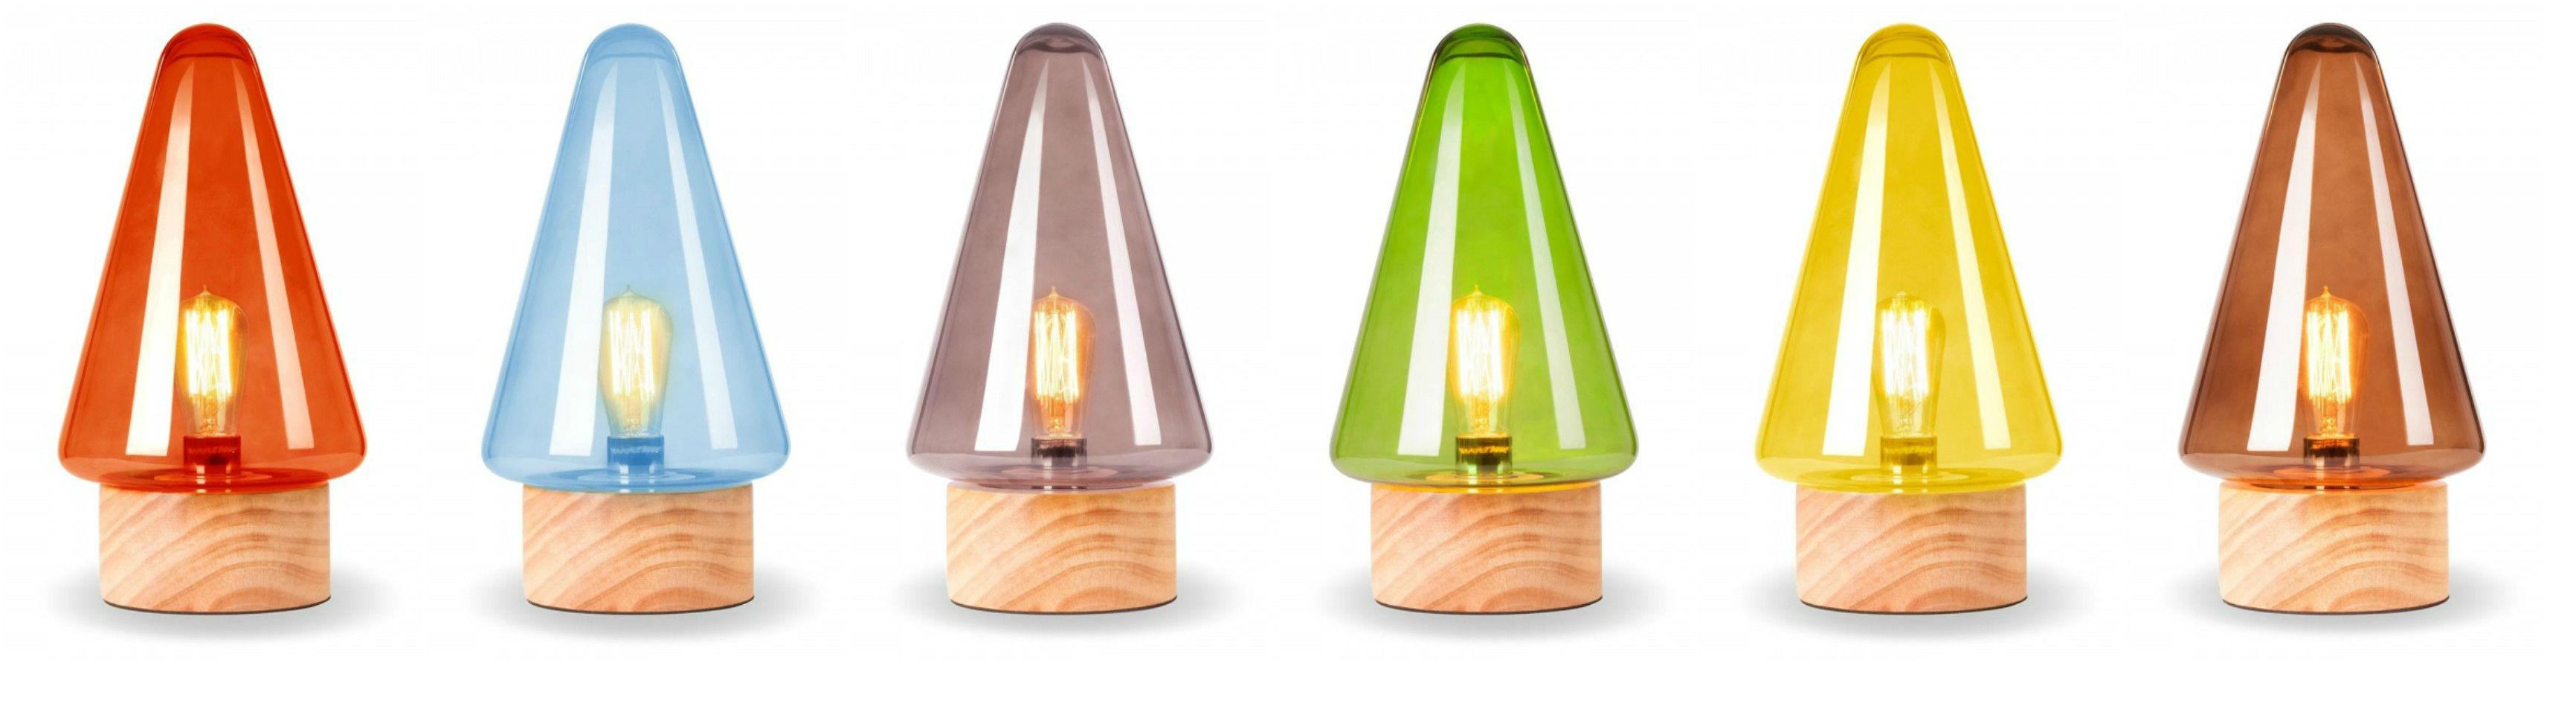 Lampes-design-champignon-Cult-Living-Cone